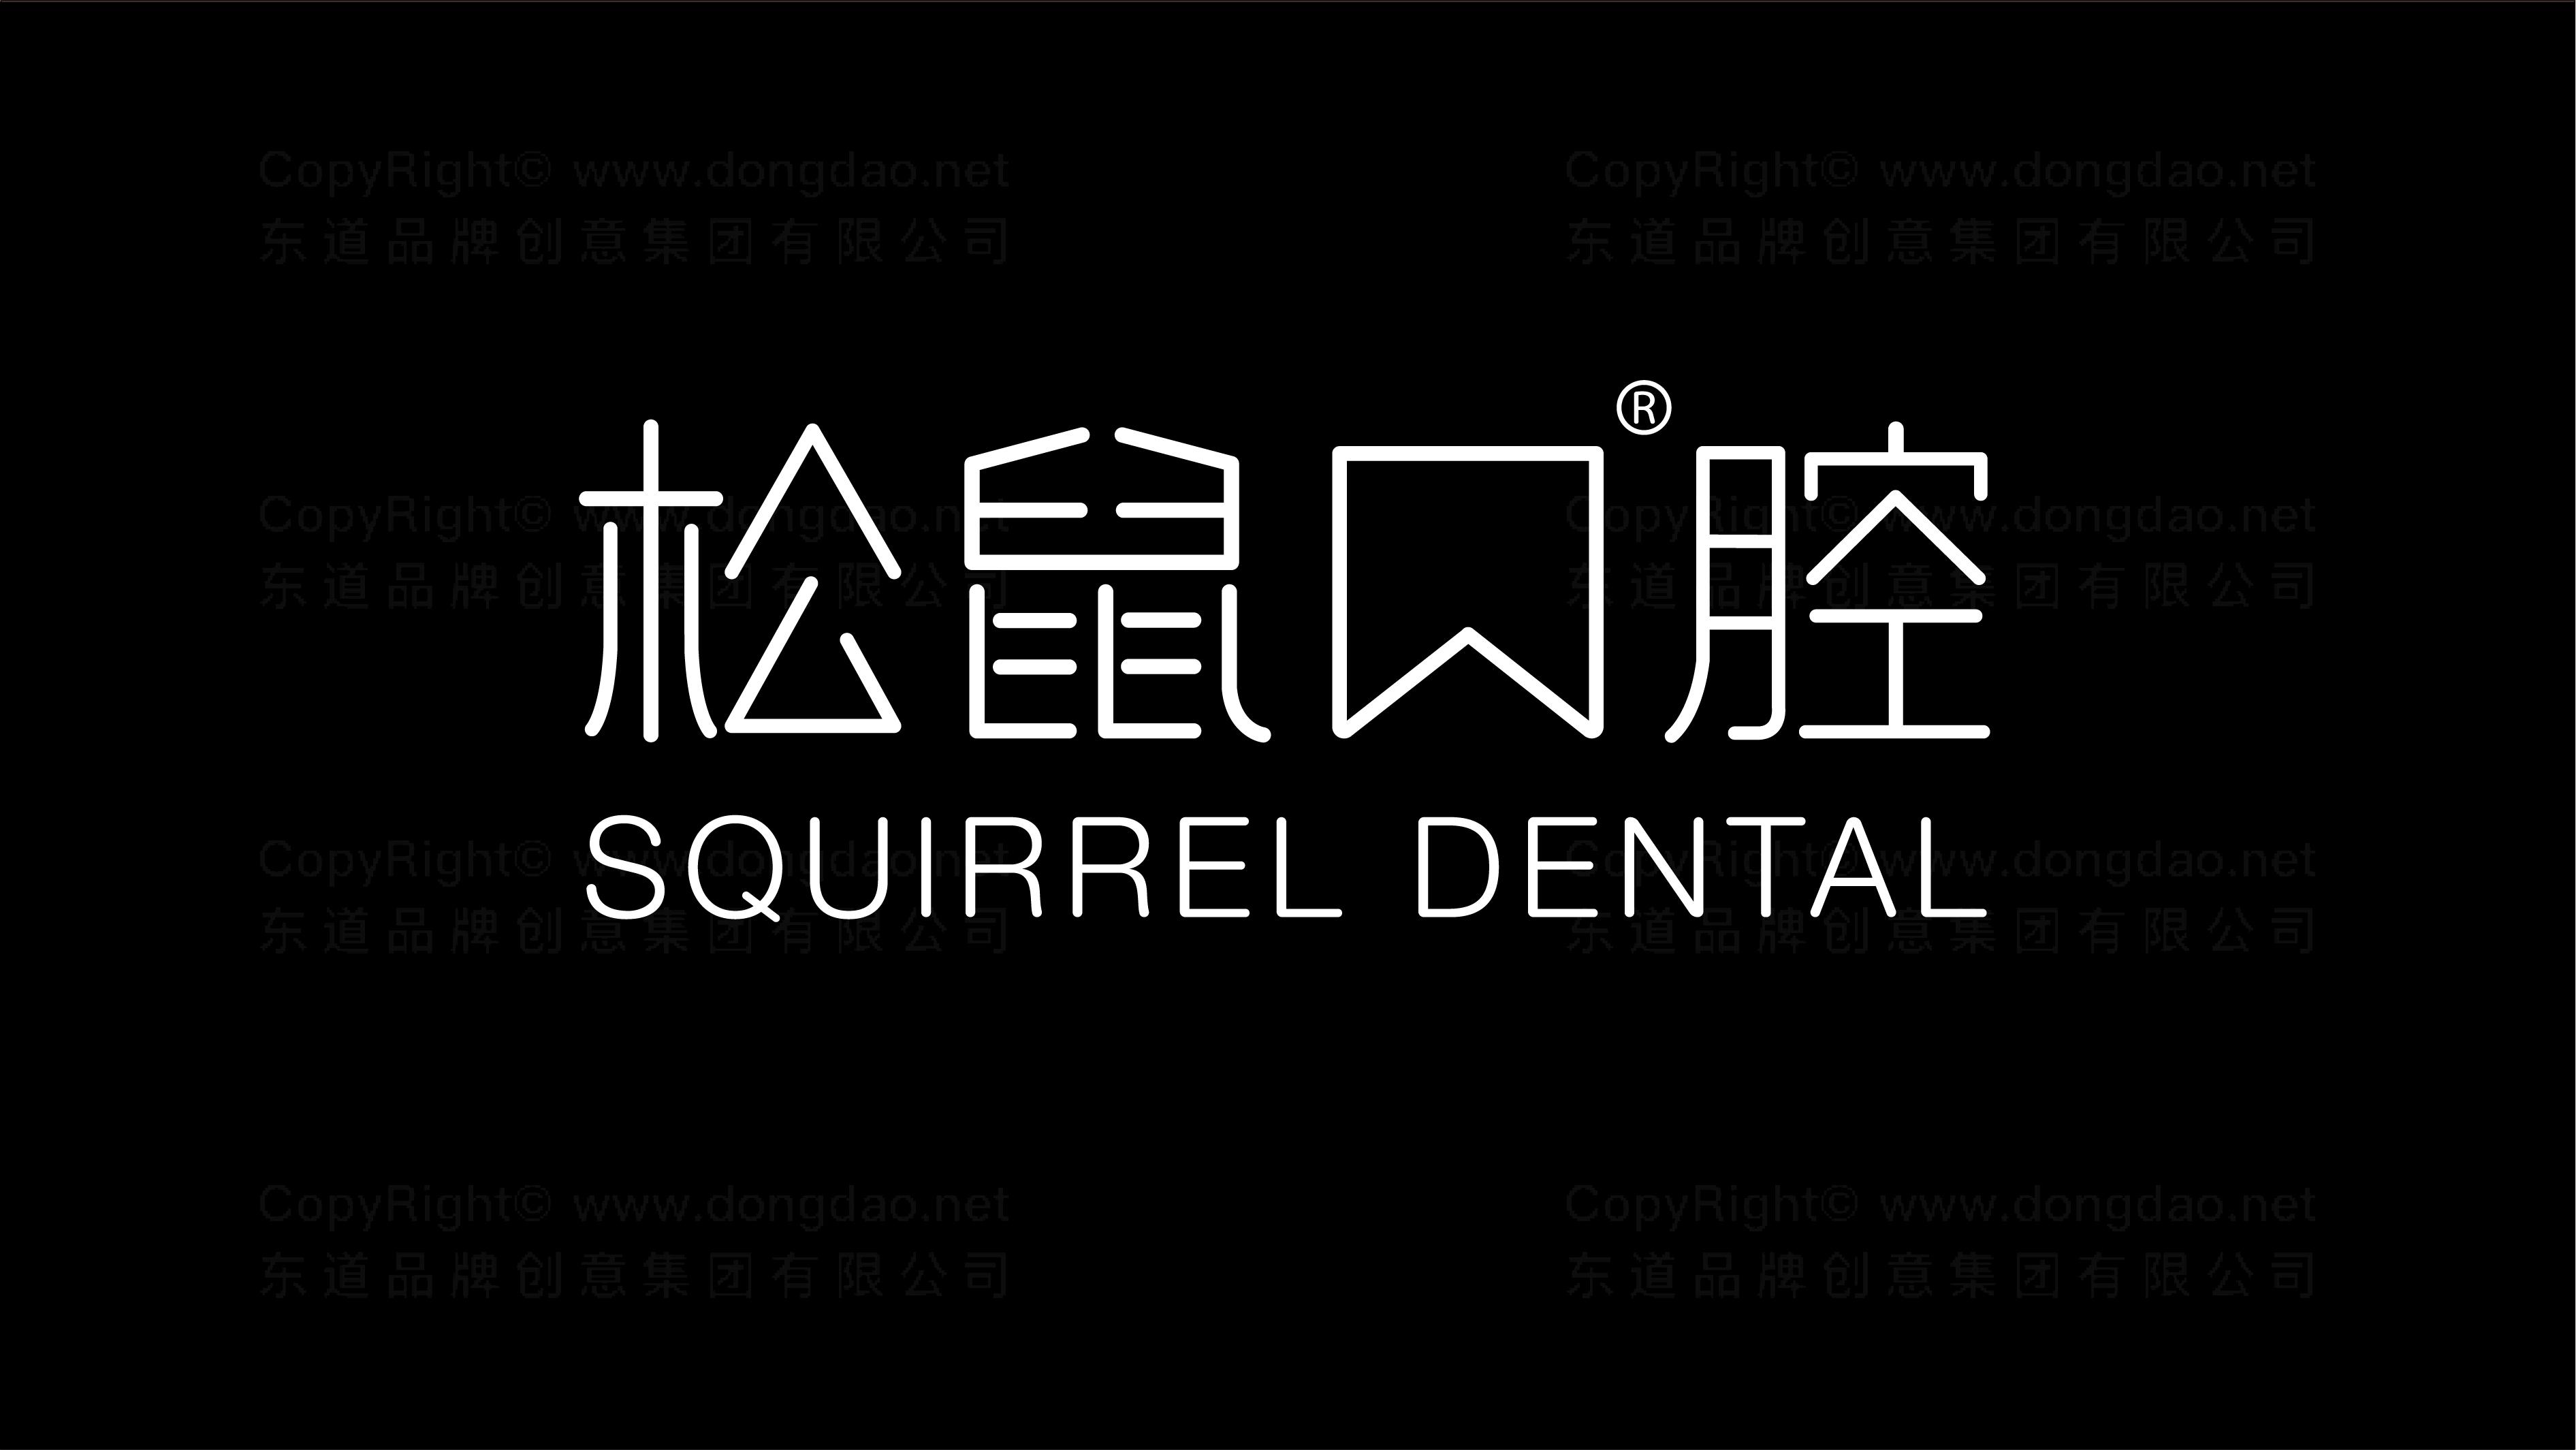 制药医疗品牌设计松鼠口腔标志设计